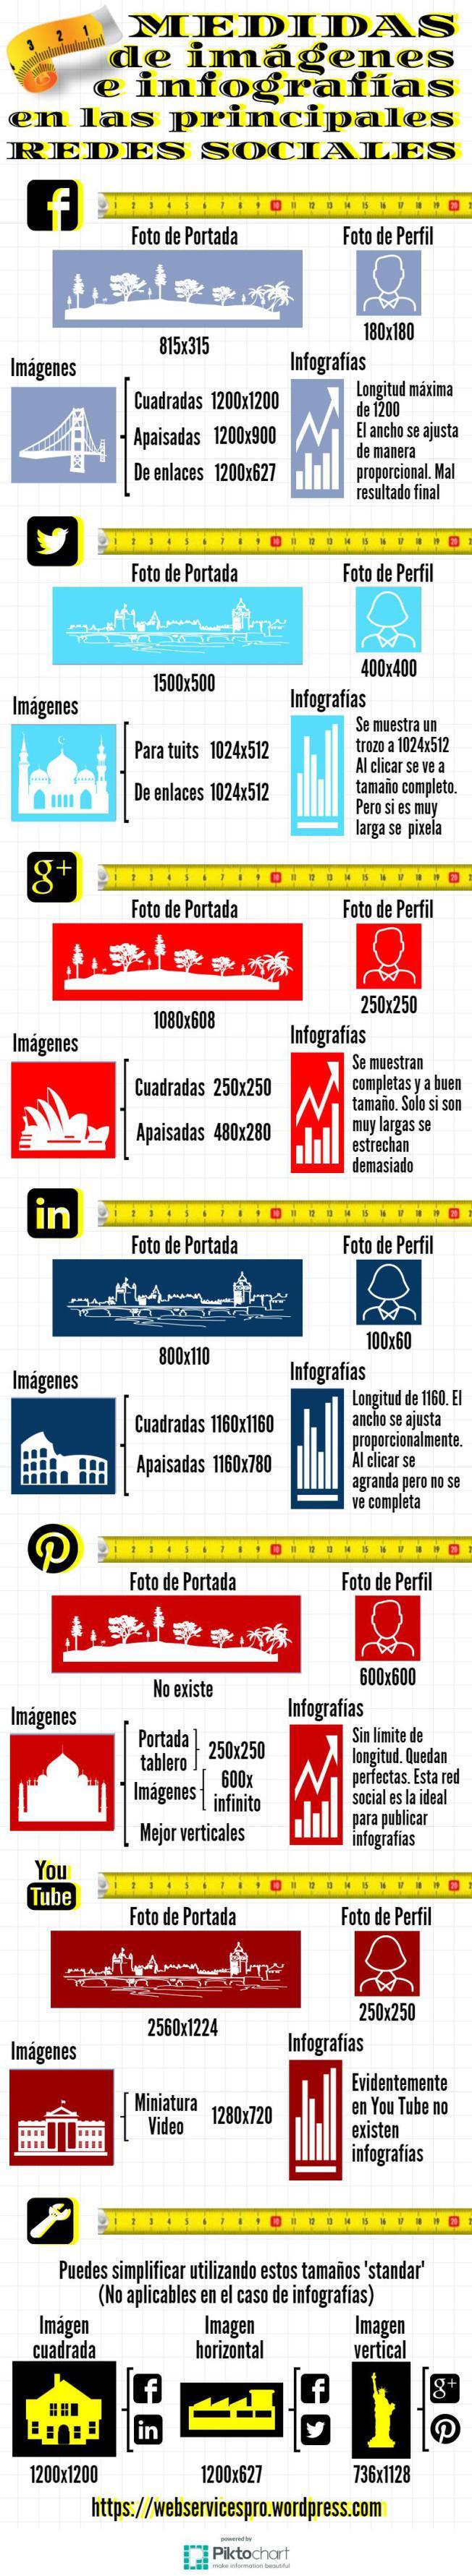 Medidas de imágenes e infografías en Redes Sociales